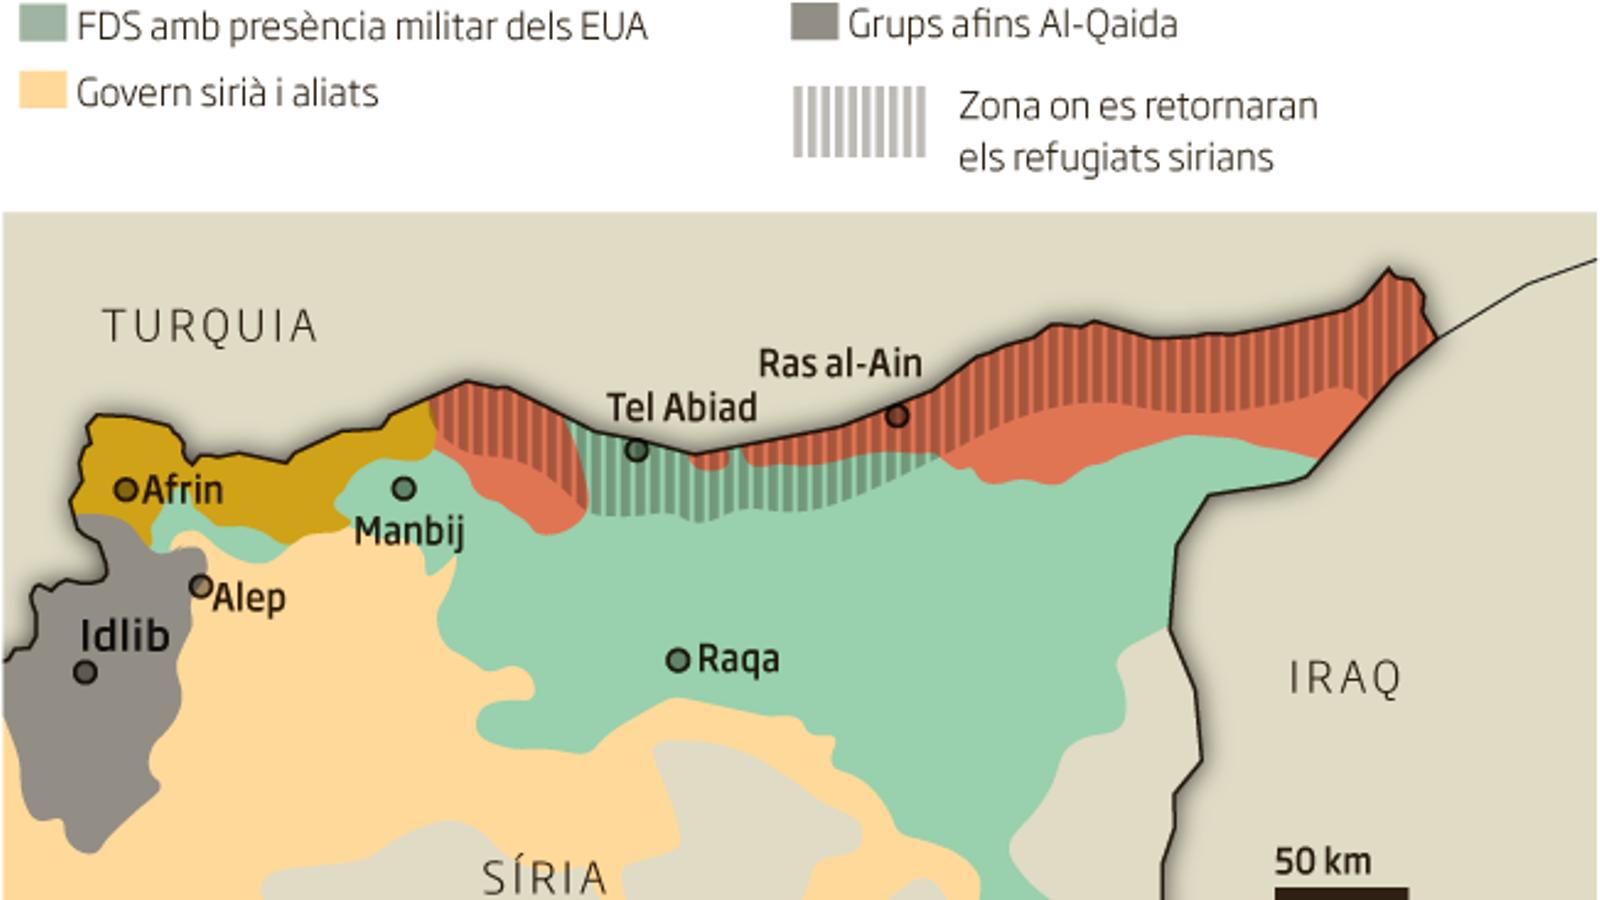 Guia per entendre què implica la retirada dels Estats Units de Síria